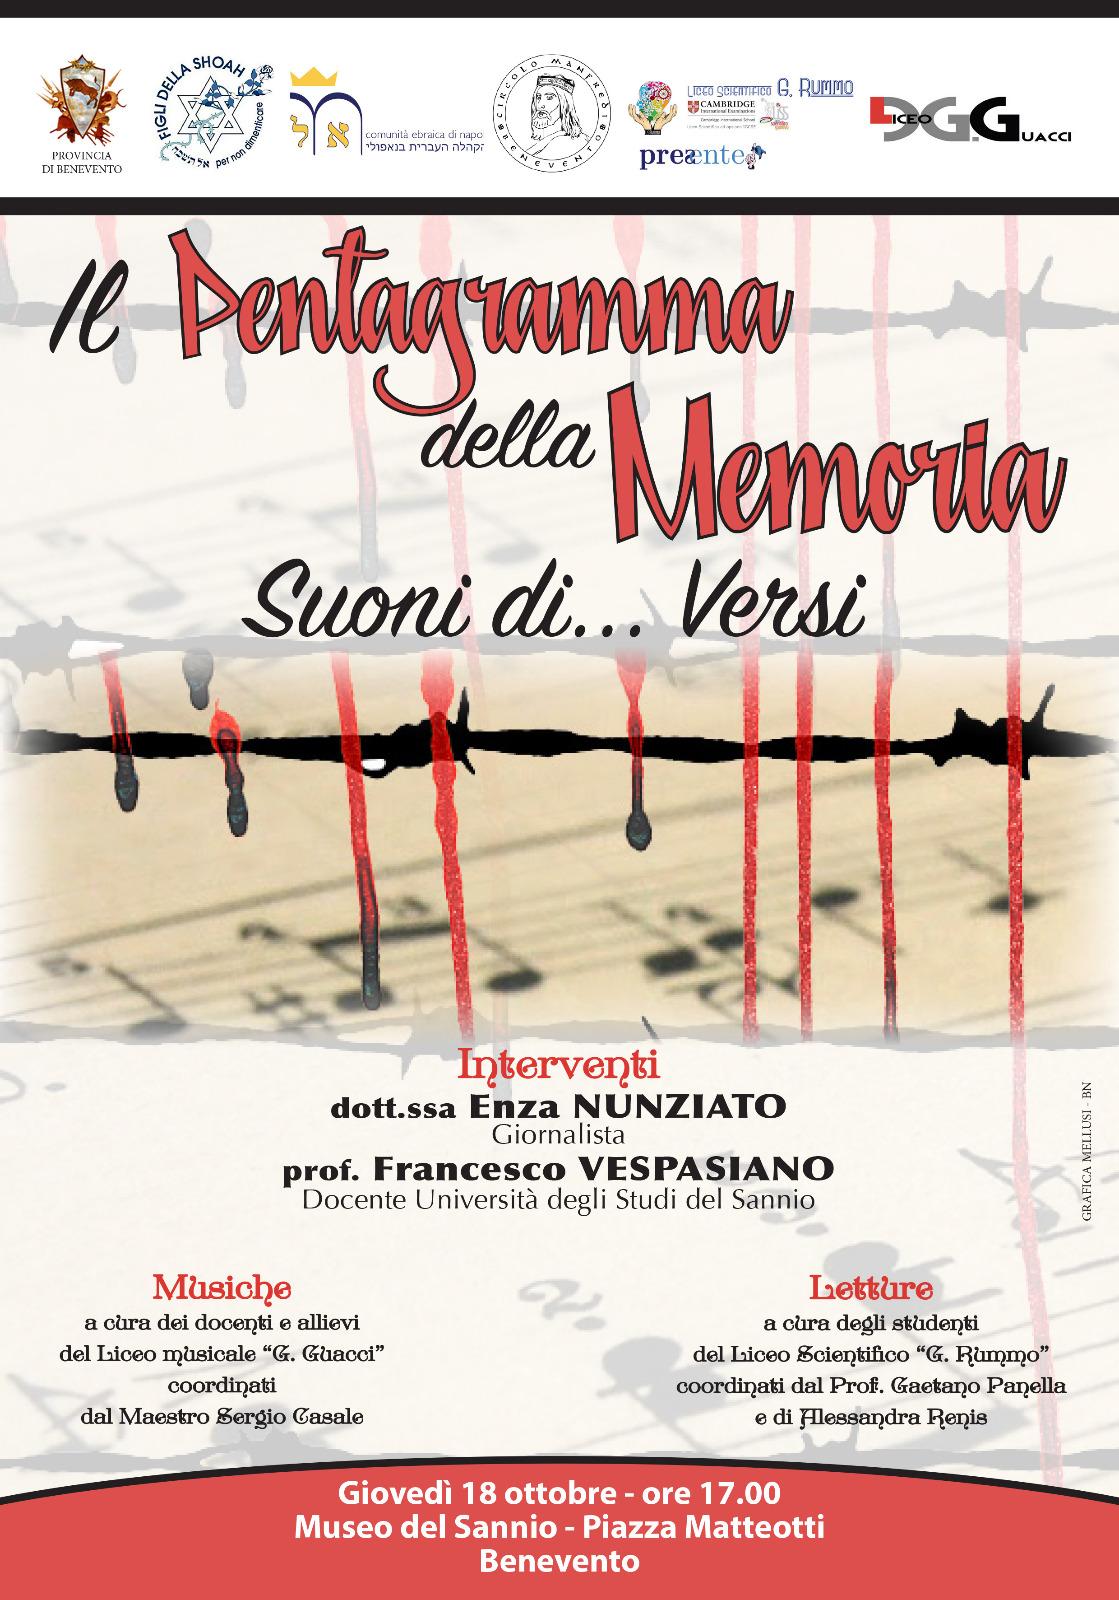 """Benevento  Al Museo del Sannio la manifestazione """"Il pentagramma della Memoria"""""""